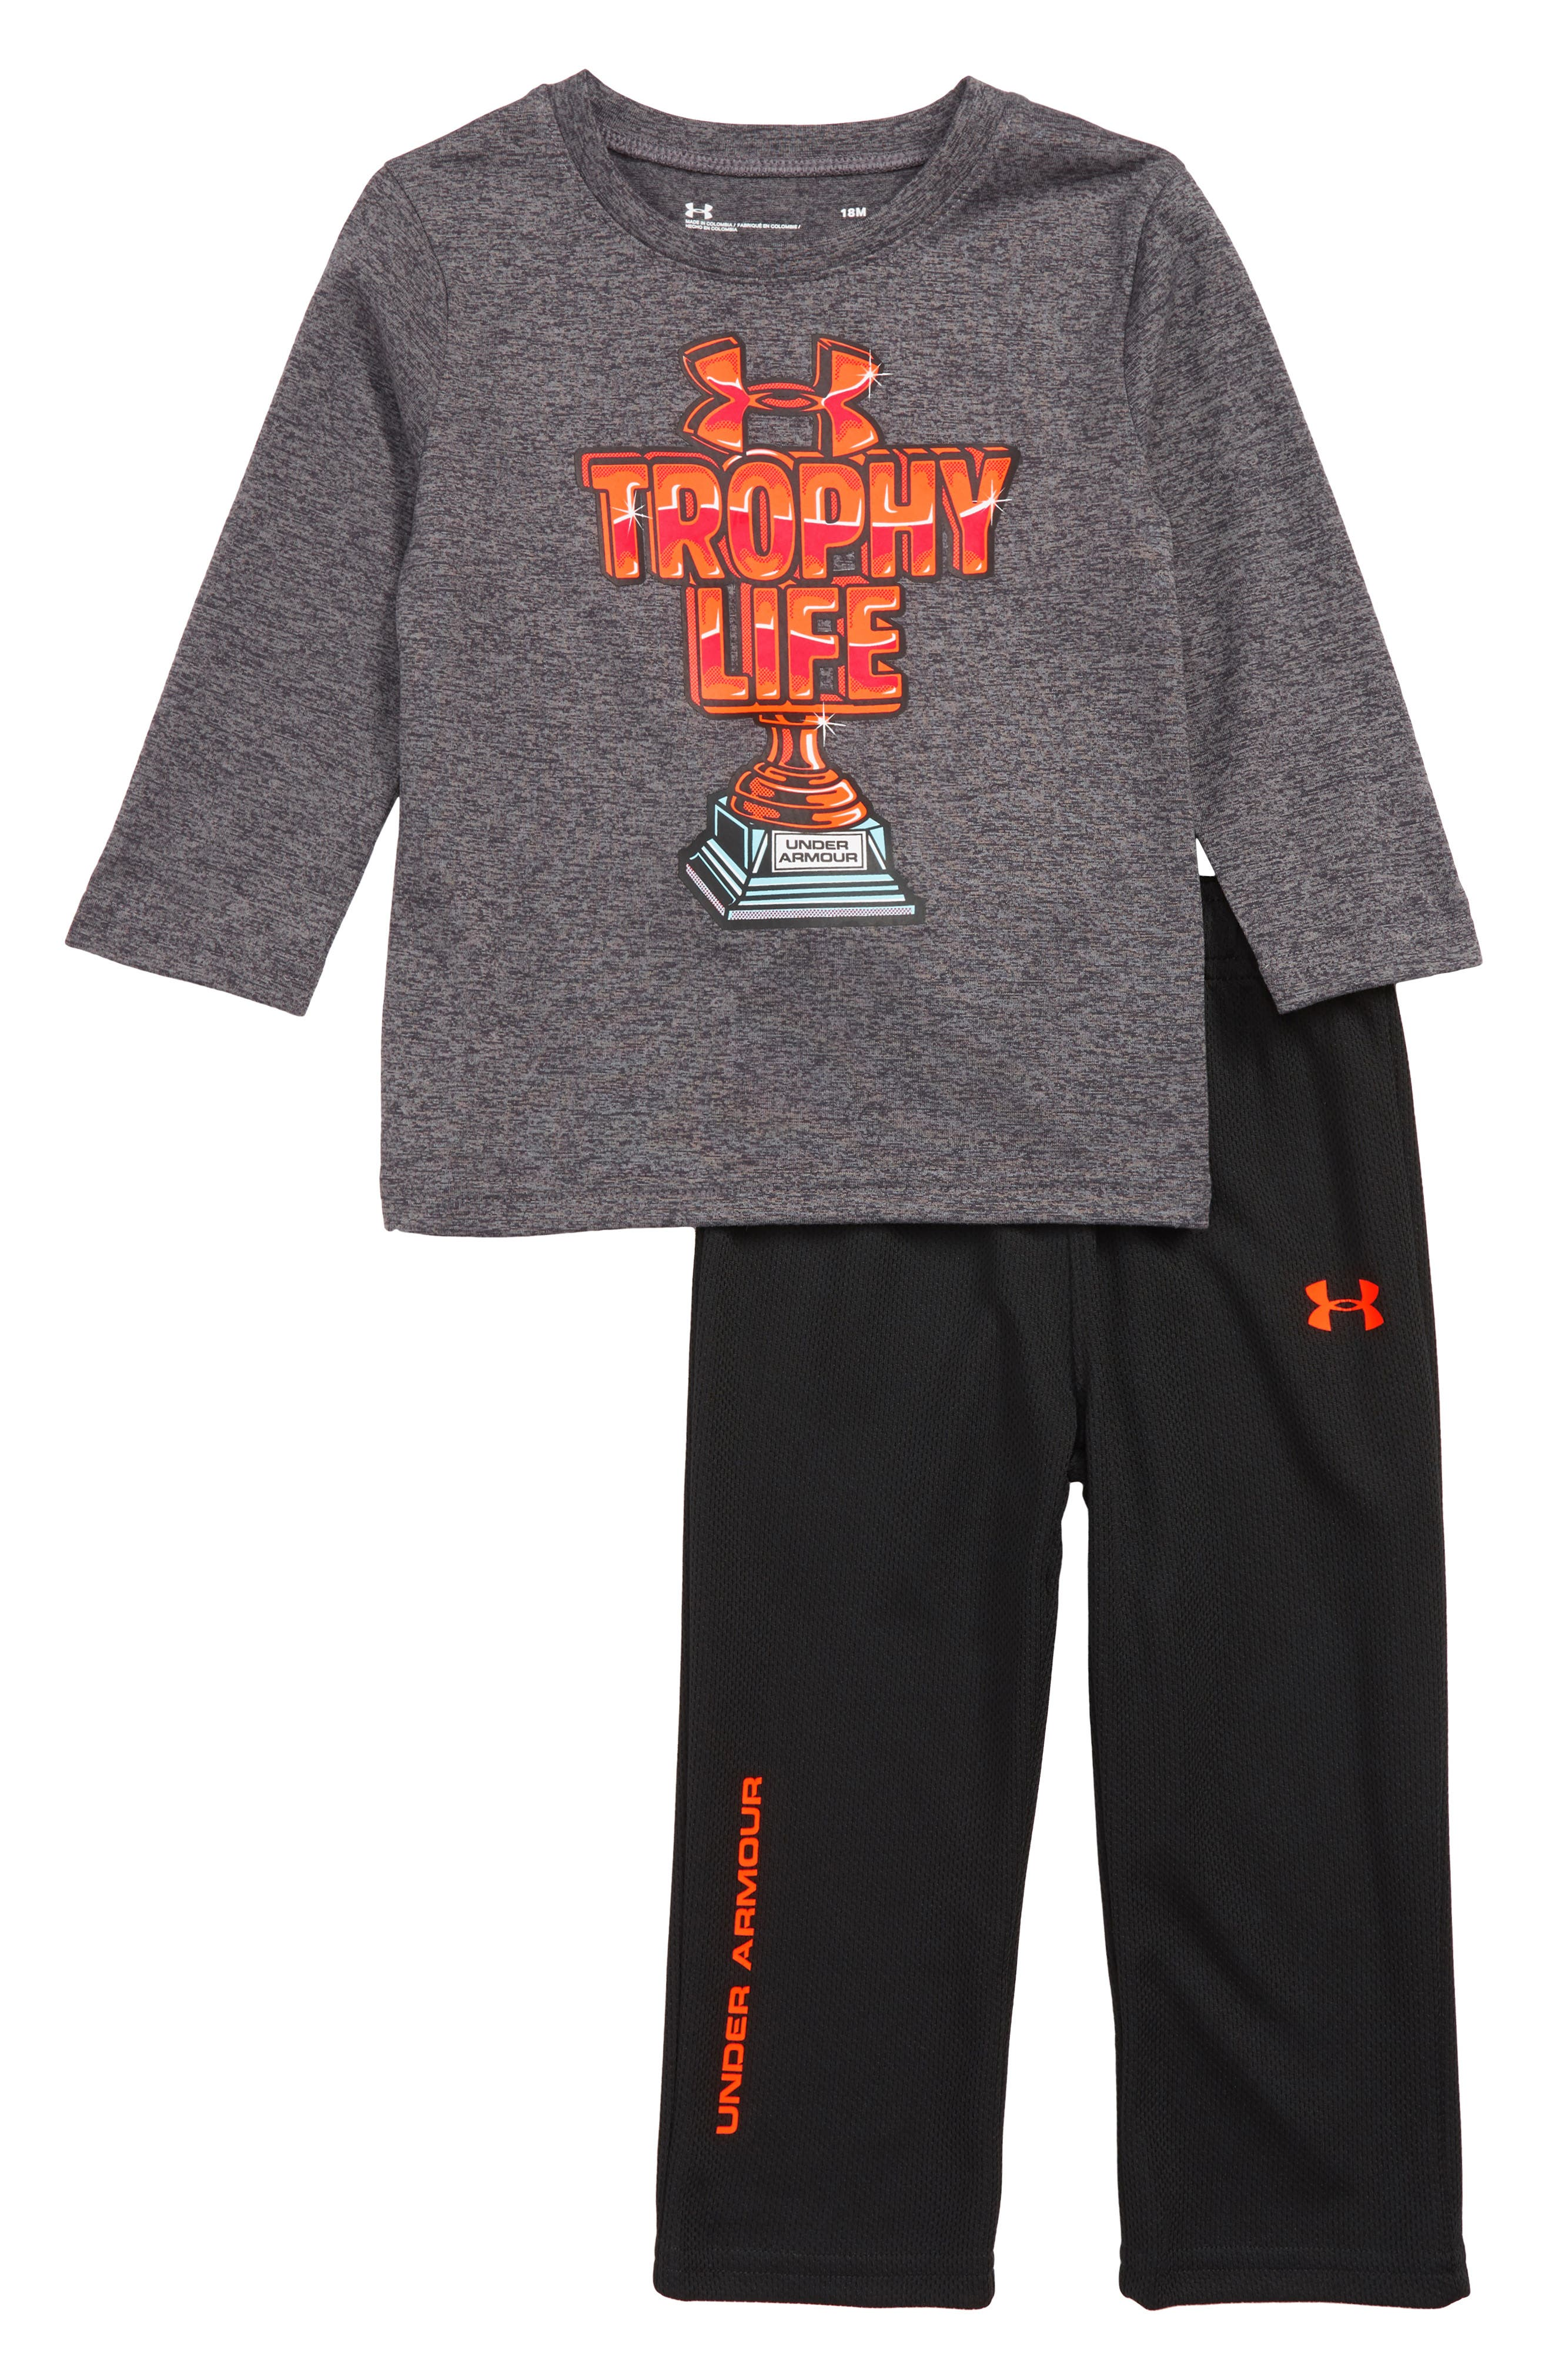 Trophy T-Shirt and Pants Set,                         Main,                         color, CARBON HEATHER